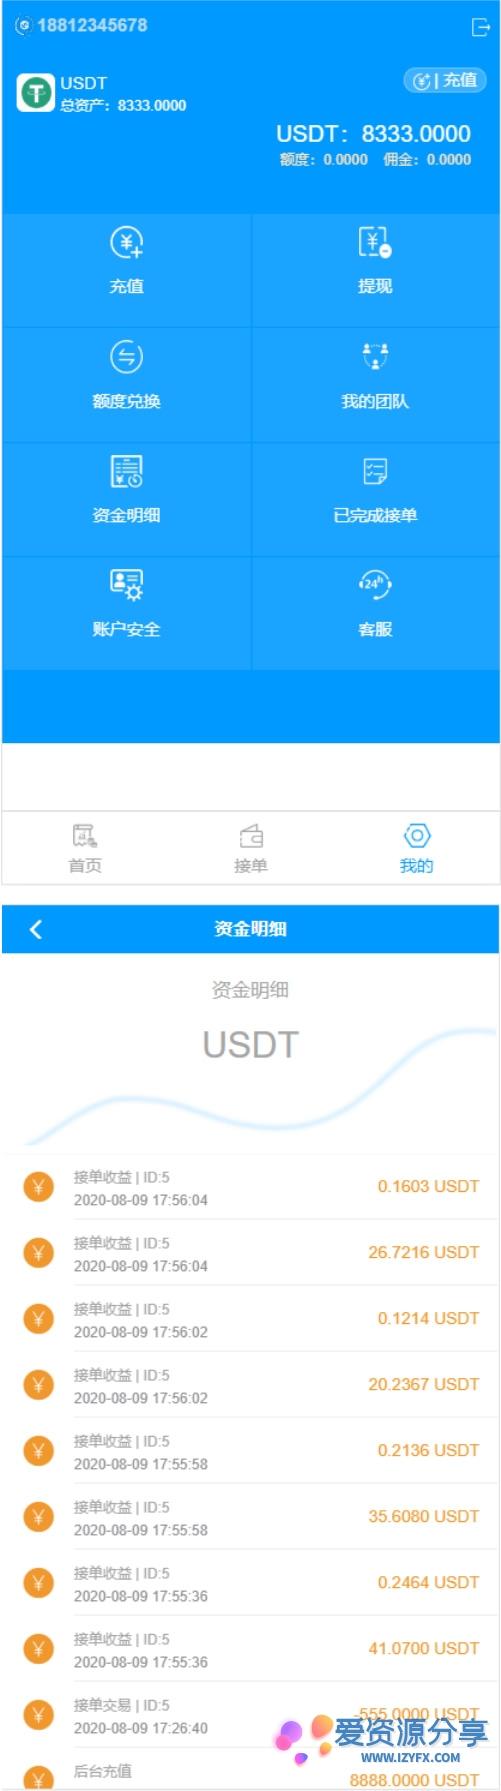 8月最新更新USDT货币跑分二开网站系统 支持OTC接单+一键买币-爱资源分享